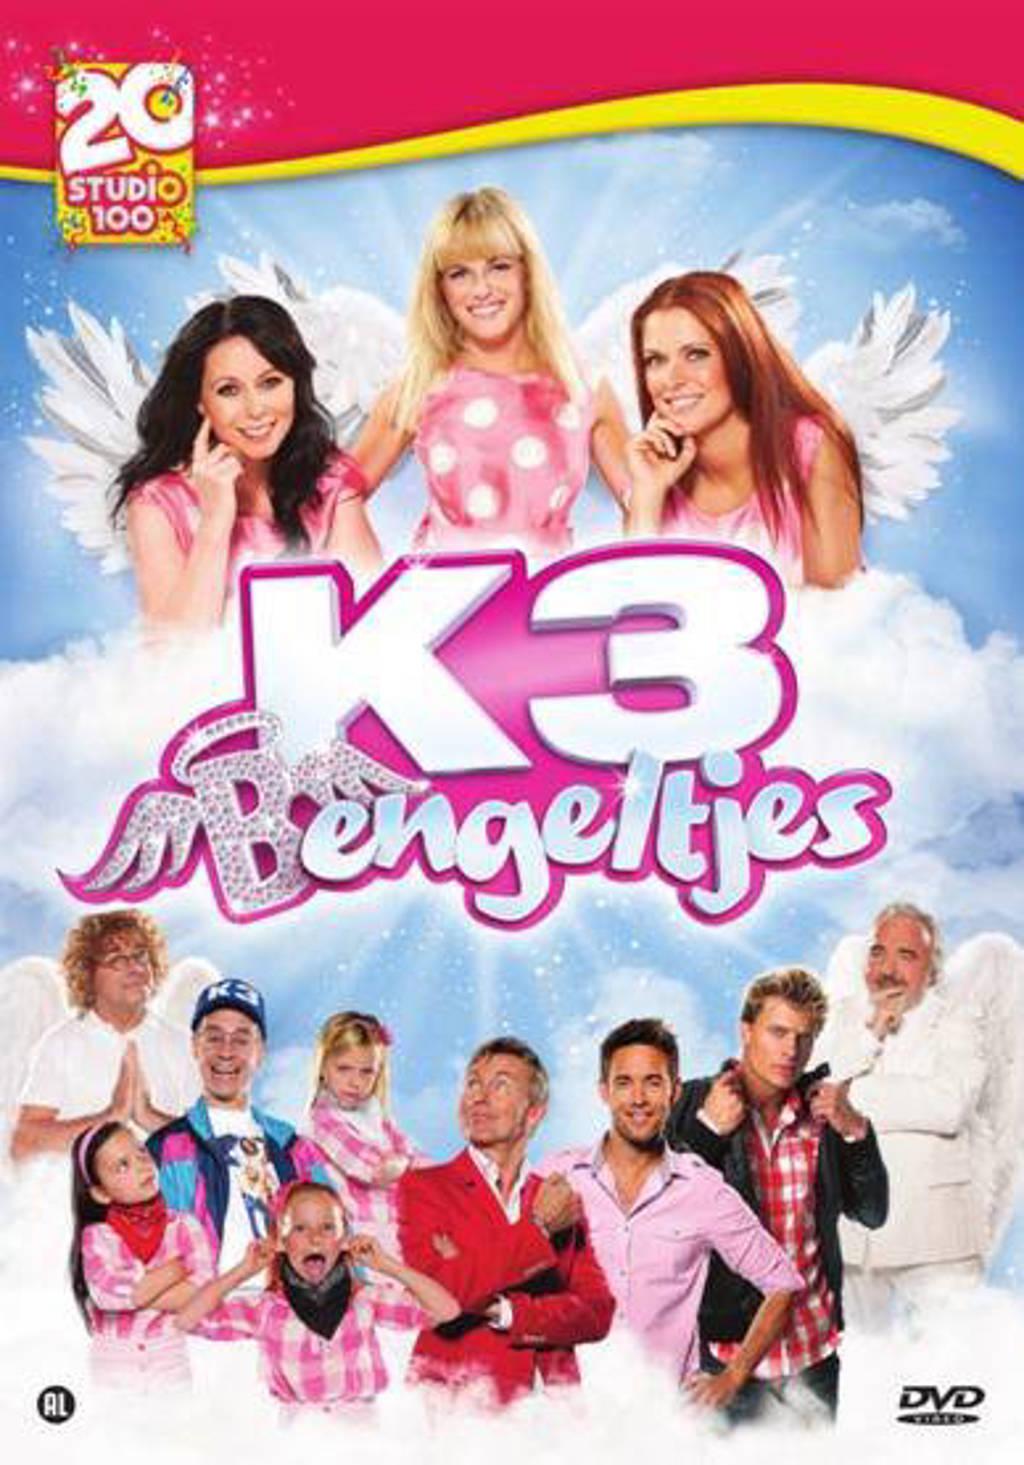 K3 - Bengeltjes (DVD)